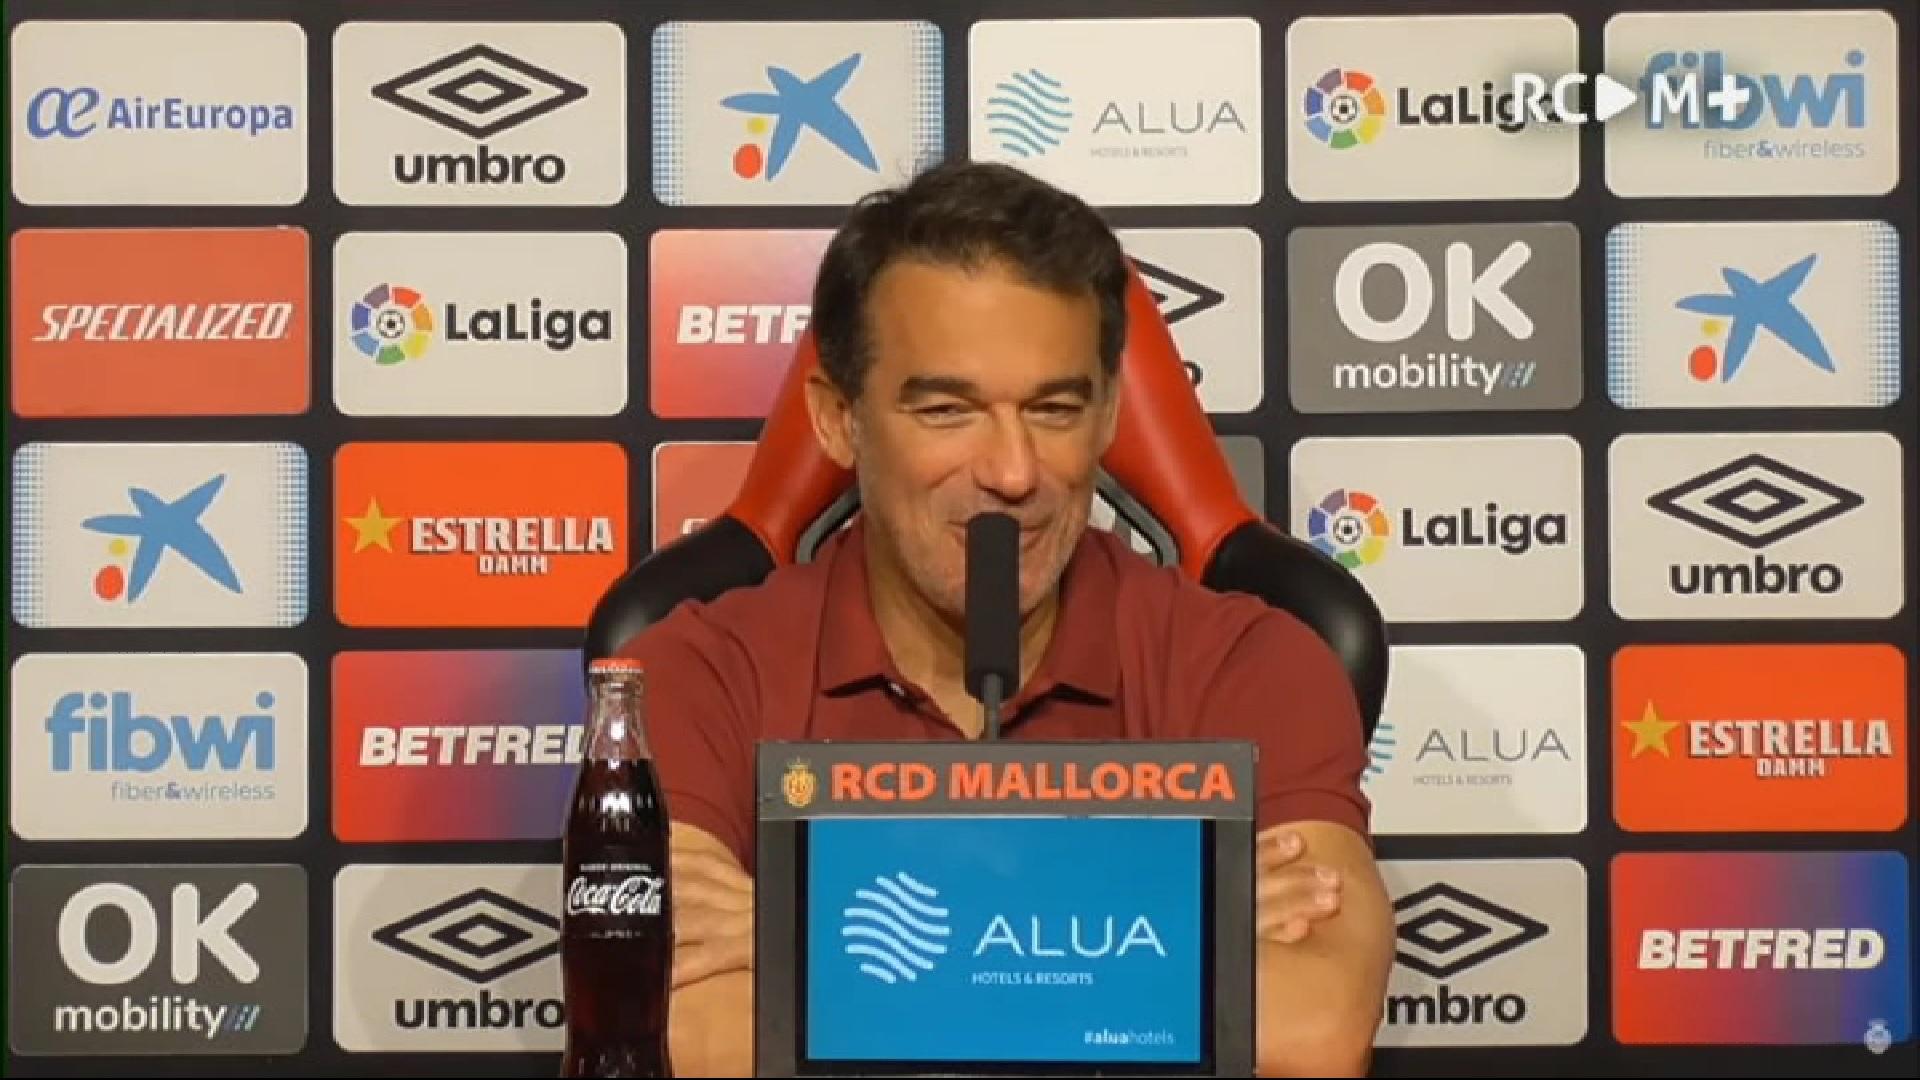 Els+objectius+de+Luis+Garc%C3%ADa+Plaza+per+al+present+i+els+desitjos+per+al+futur